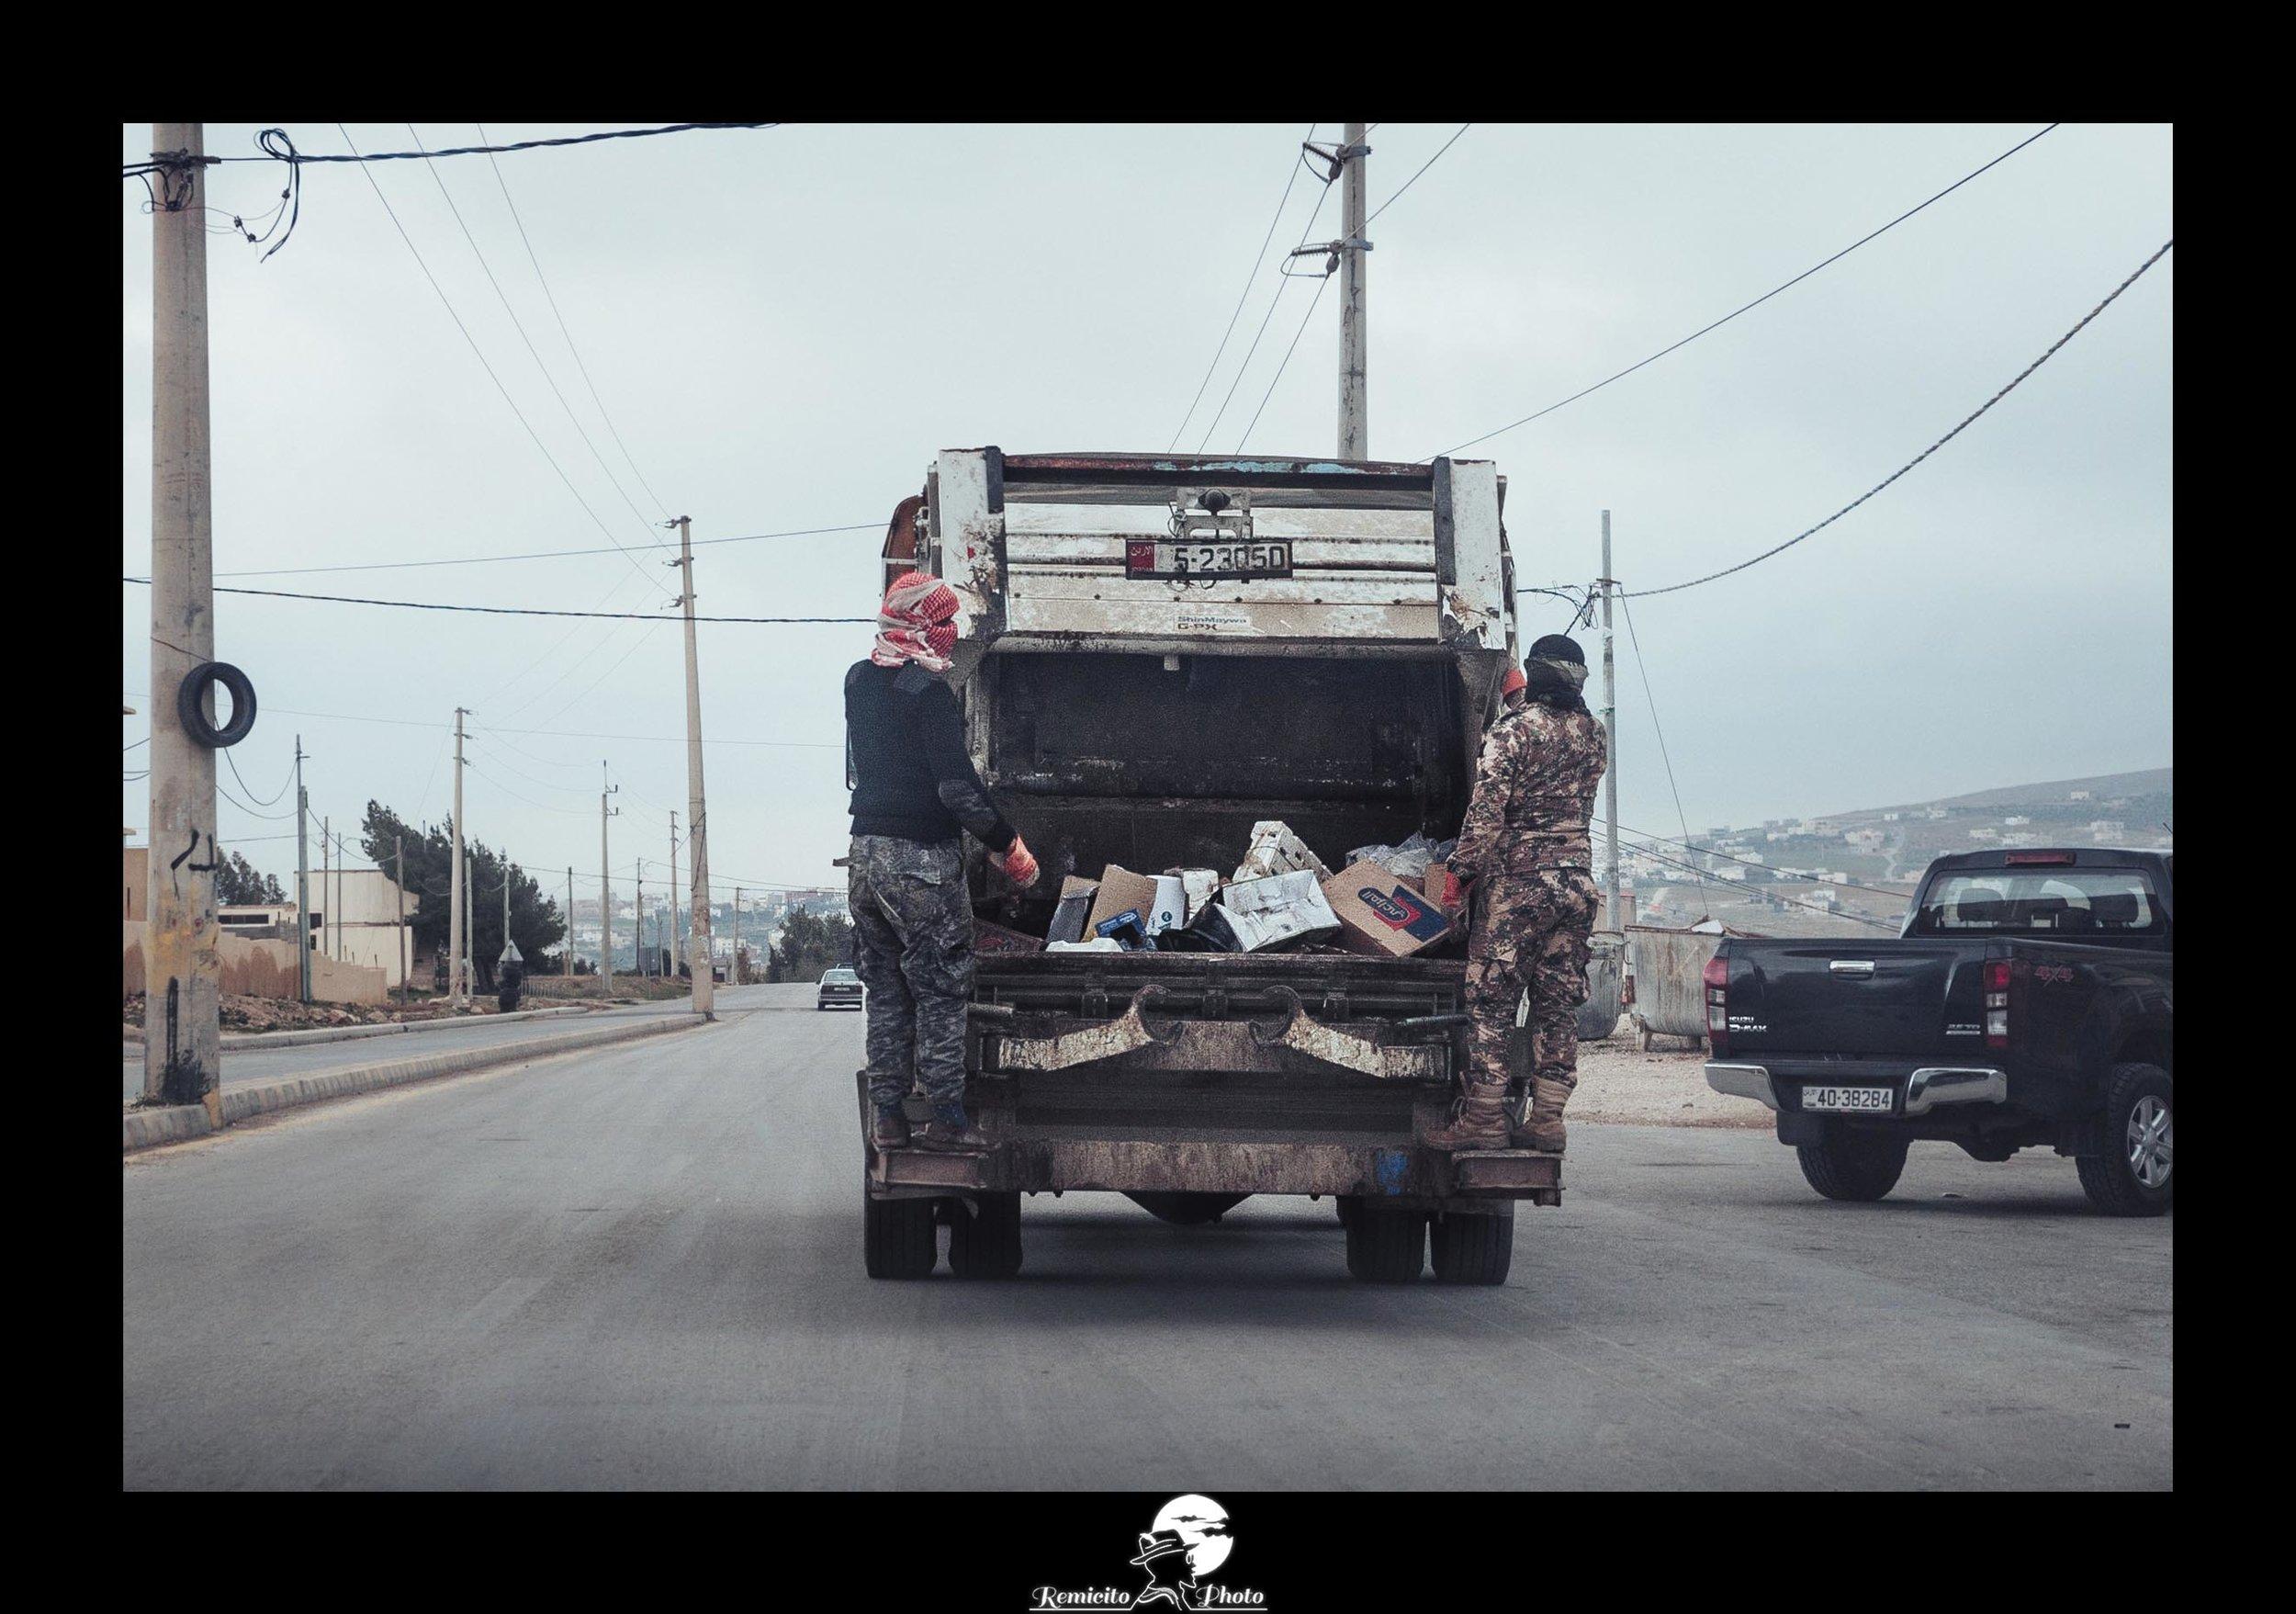 remicito, photoclub paris val-de-bièvre, remicito rémi lacombe, jordanie voyage, camion poubelle éboueurs jordanie